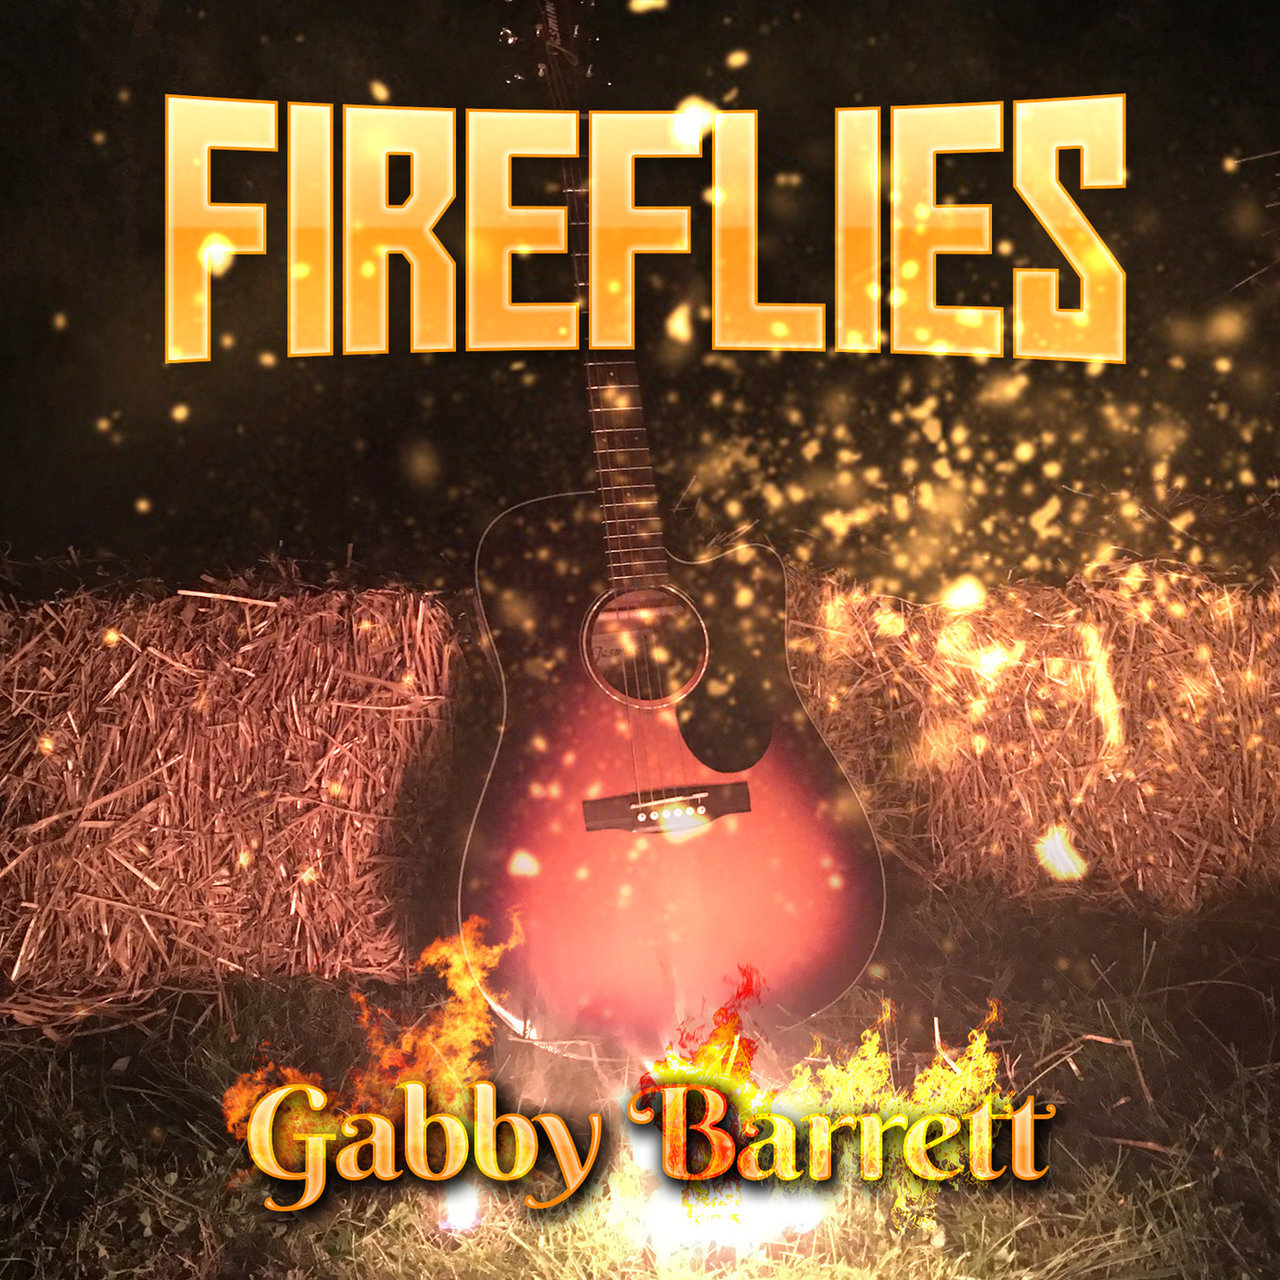 Gabby Barrett - Fireflies